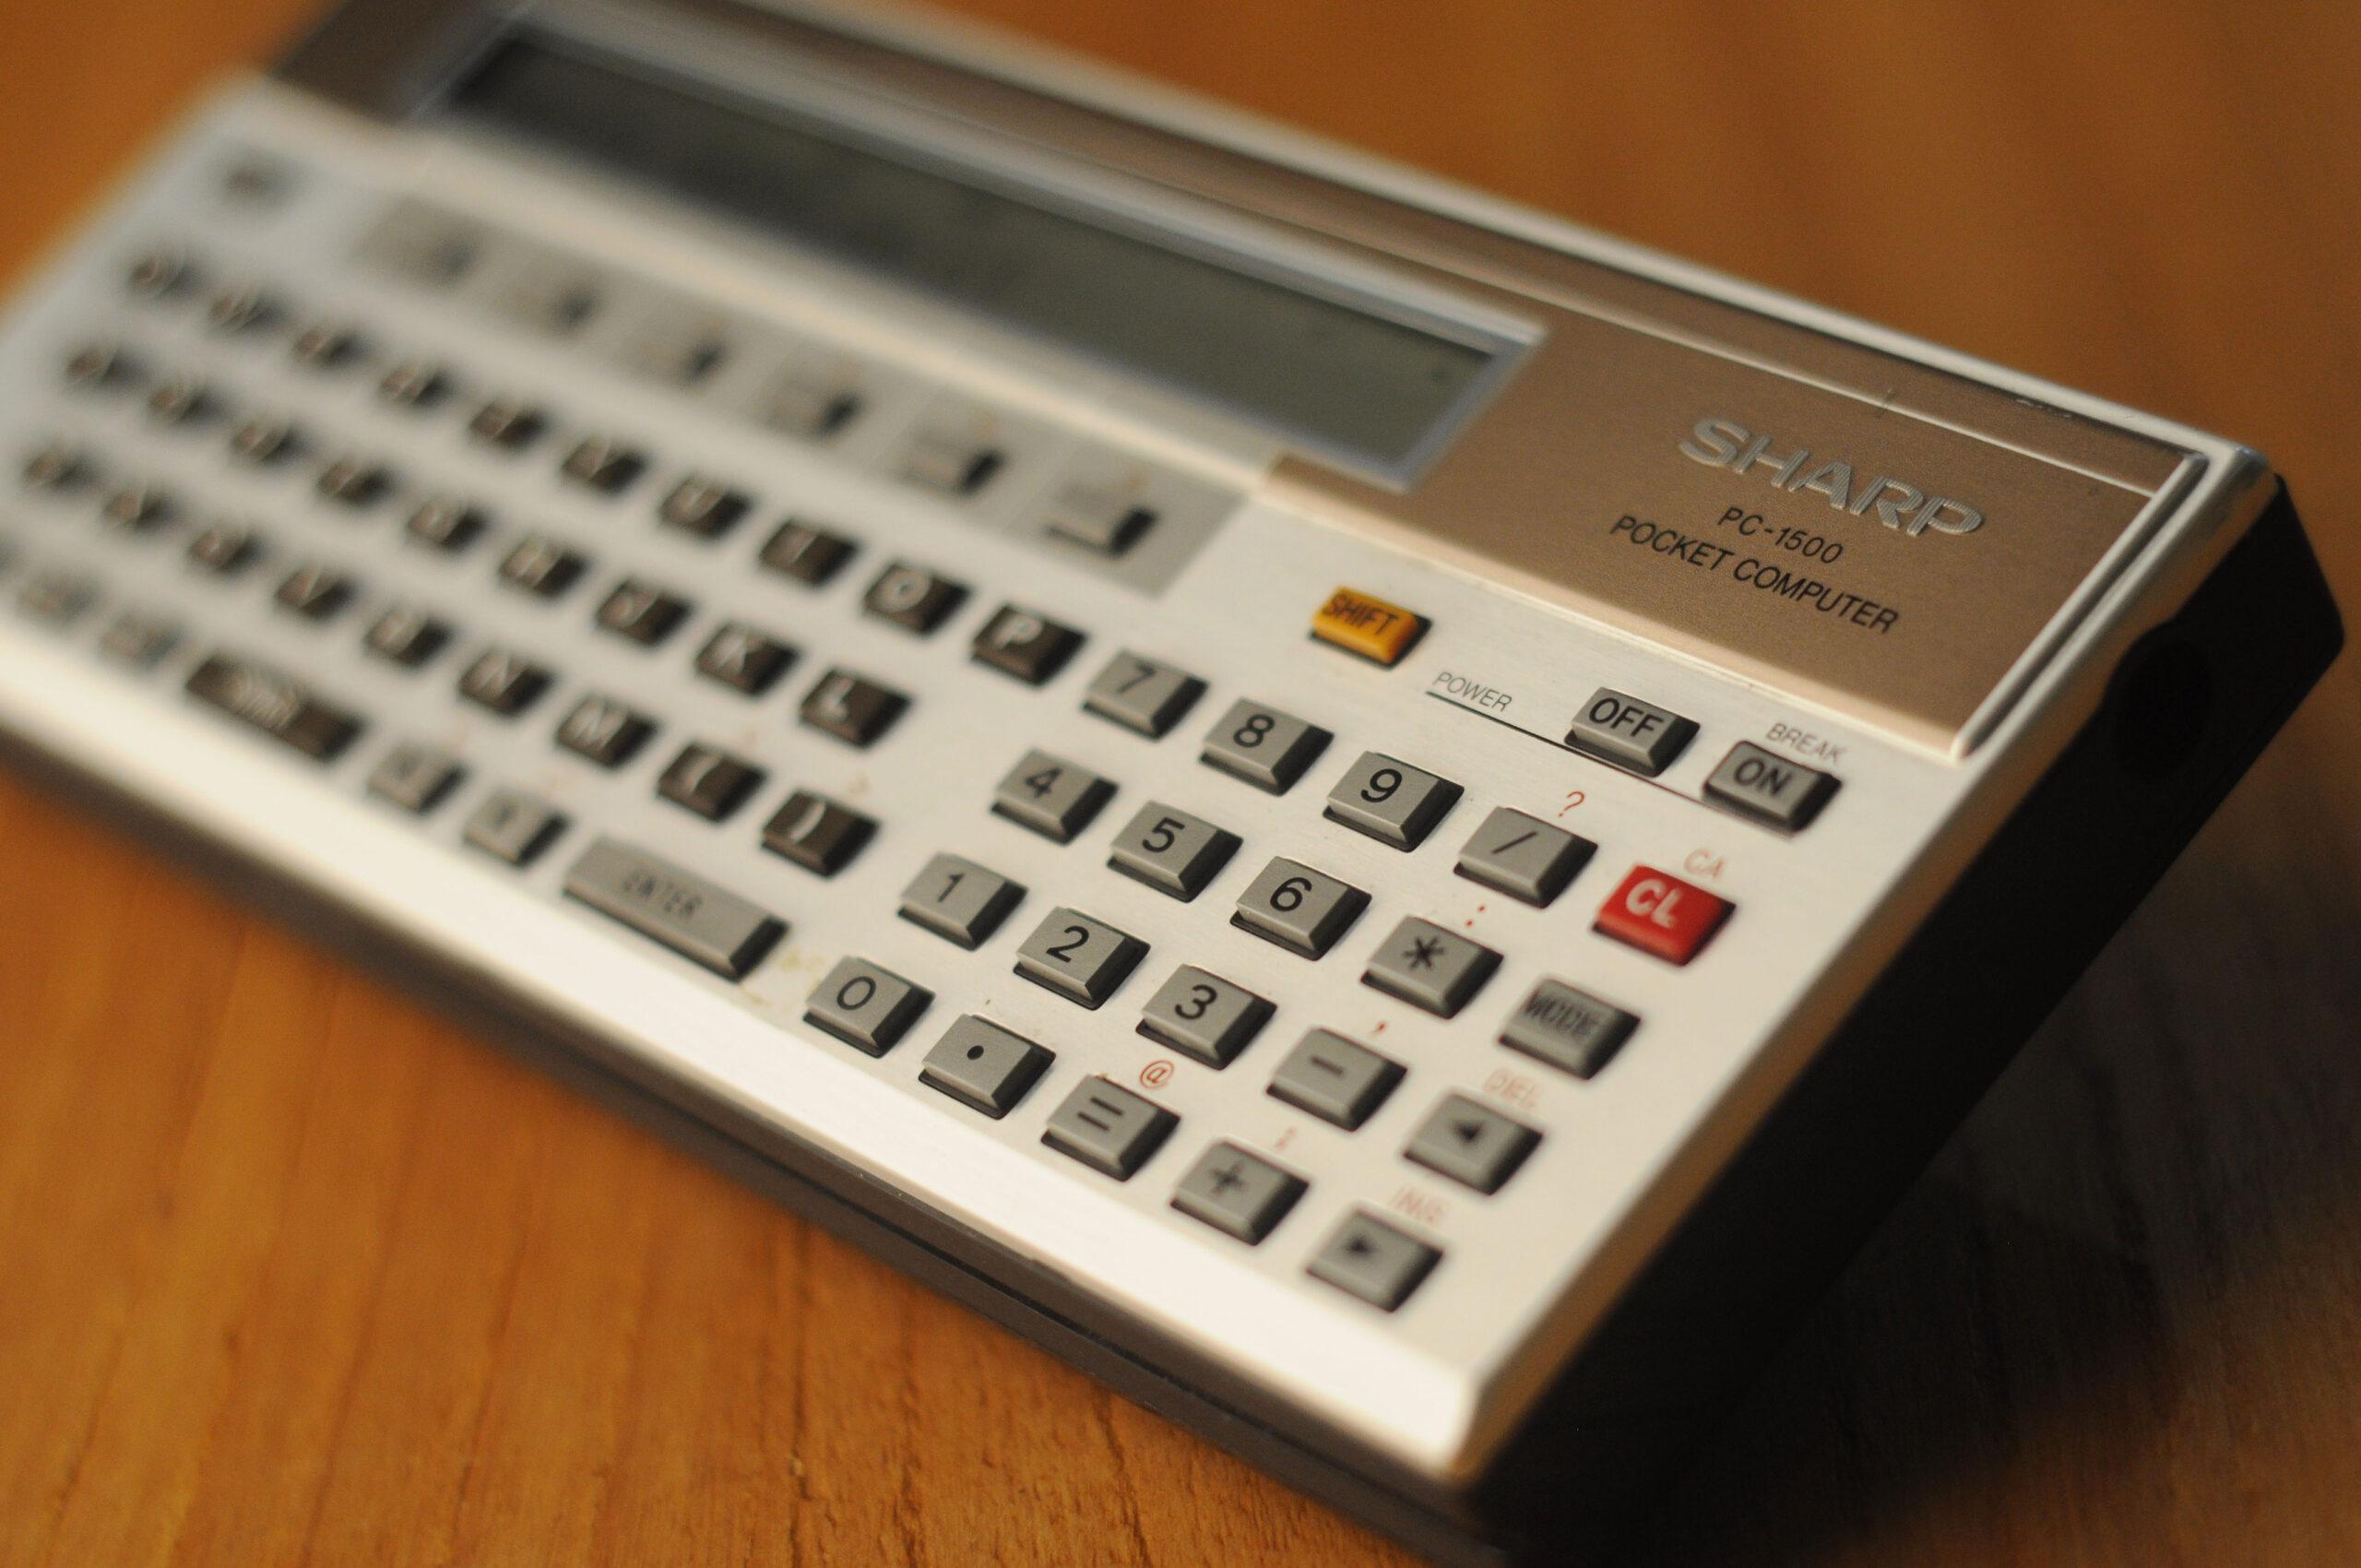 80年代的口袋计算机:SHARP PC-1500